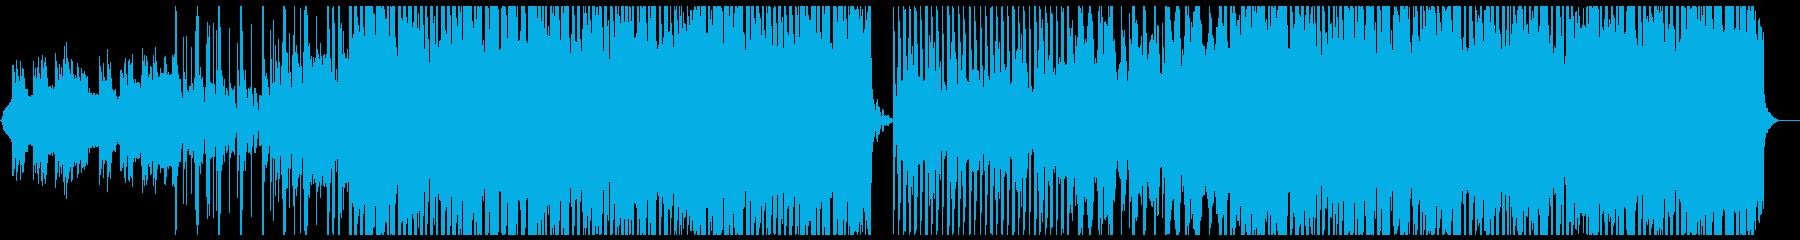 力の抜けたリードが特徴的なEDMの再生済みの波形